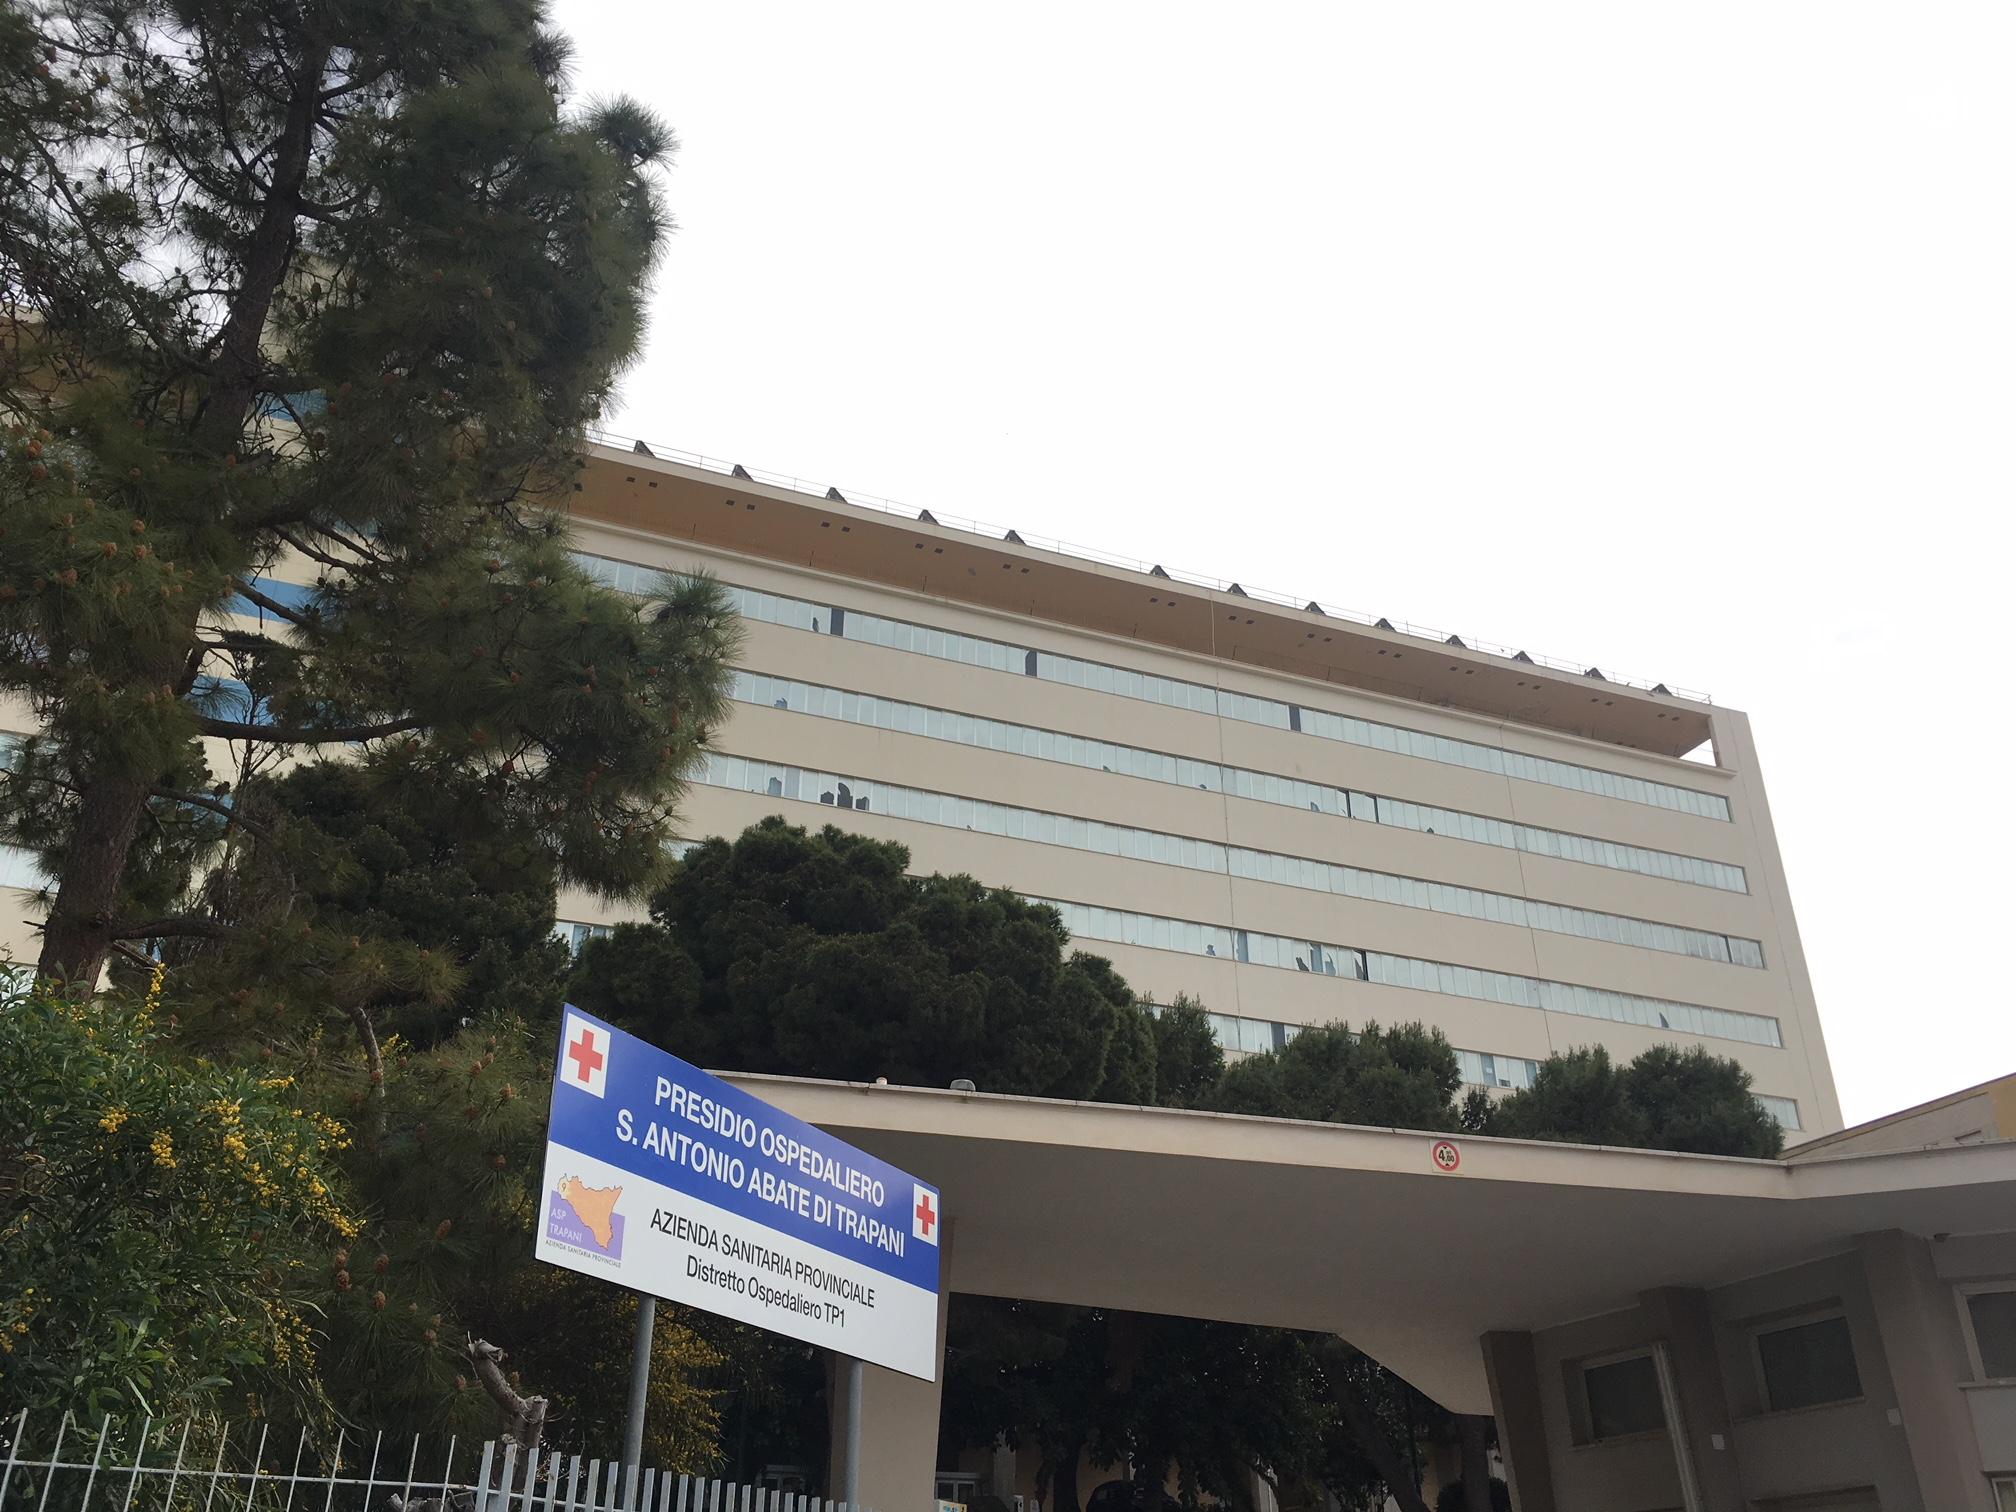 Al Sant'Antonio Abate due pazienti lasciano rianimazione, respirano autonomamente